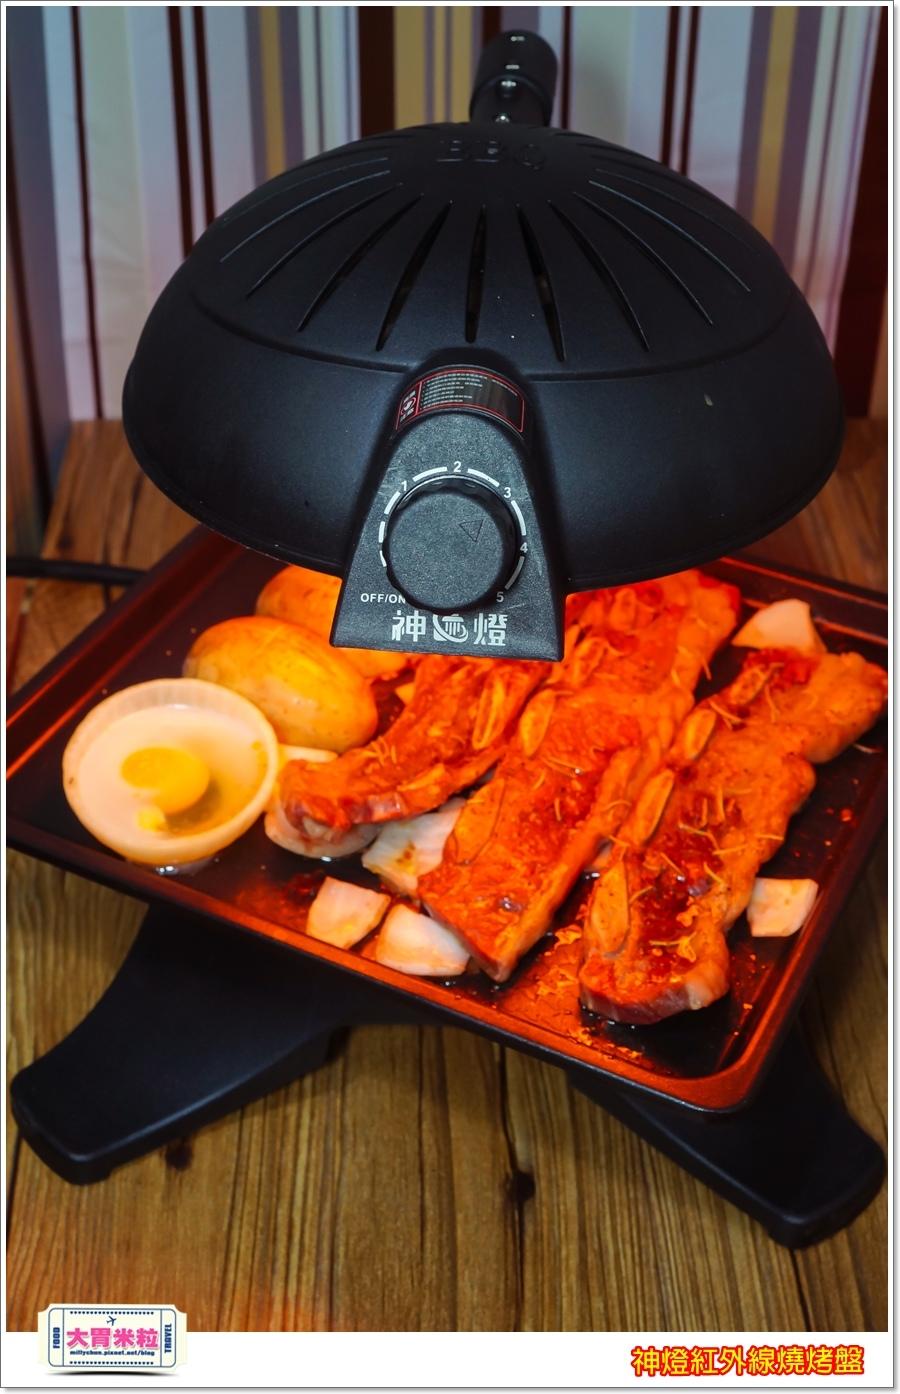 神燈紅外線燒烤盤@大胃米粒00049.jpg